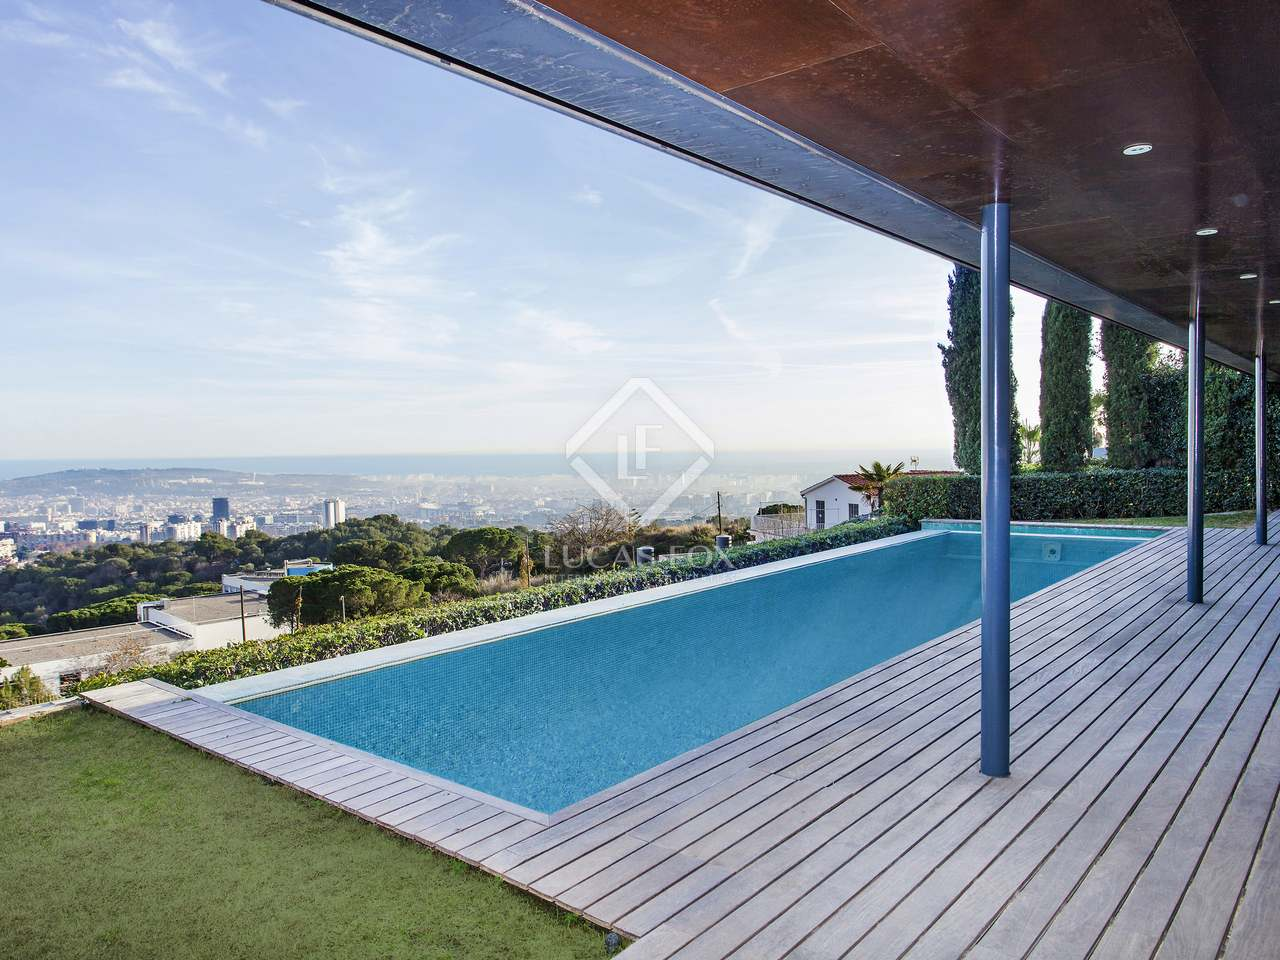 Maison villa de 669m a vendre sarri barcelone for Piscine w barcelone